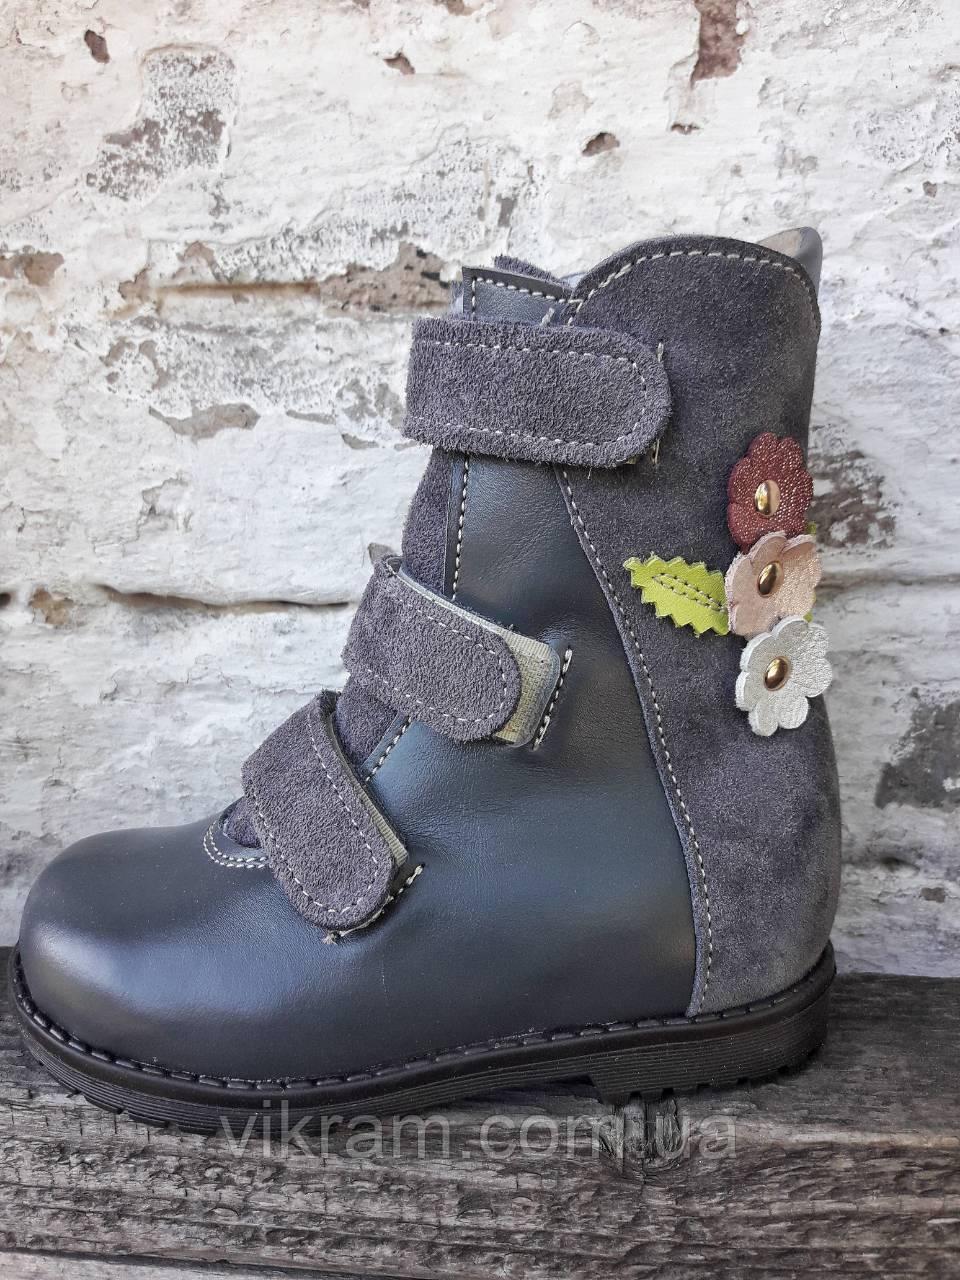 Ортопедические зимние ботинки для девочек VIKRAM.ORTO 31р - 36р